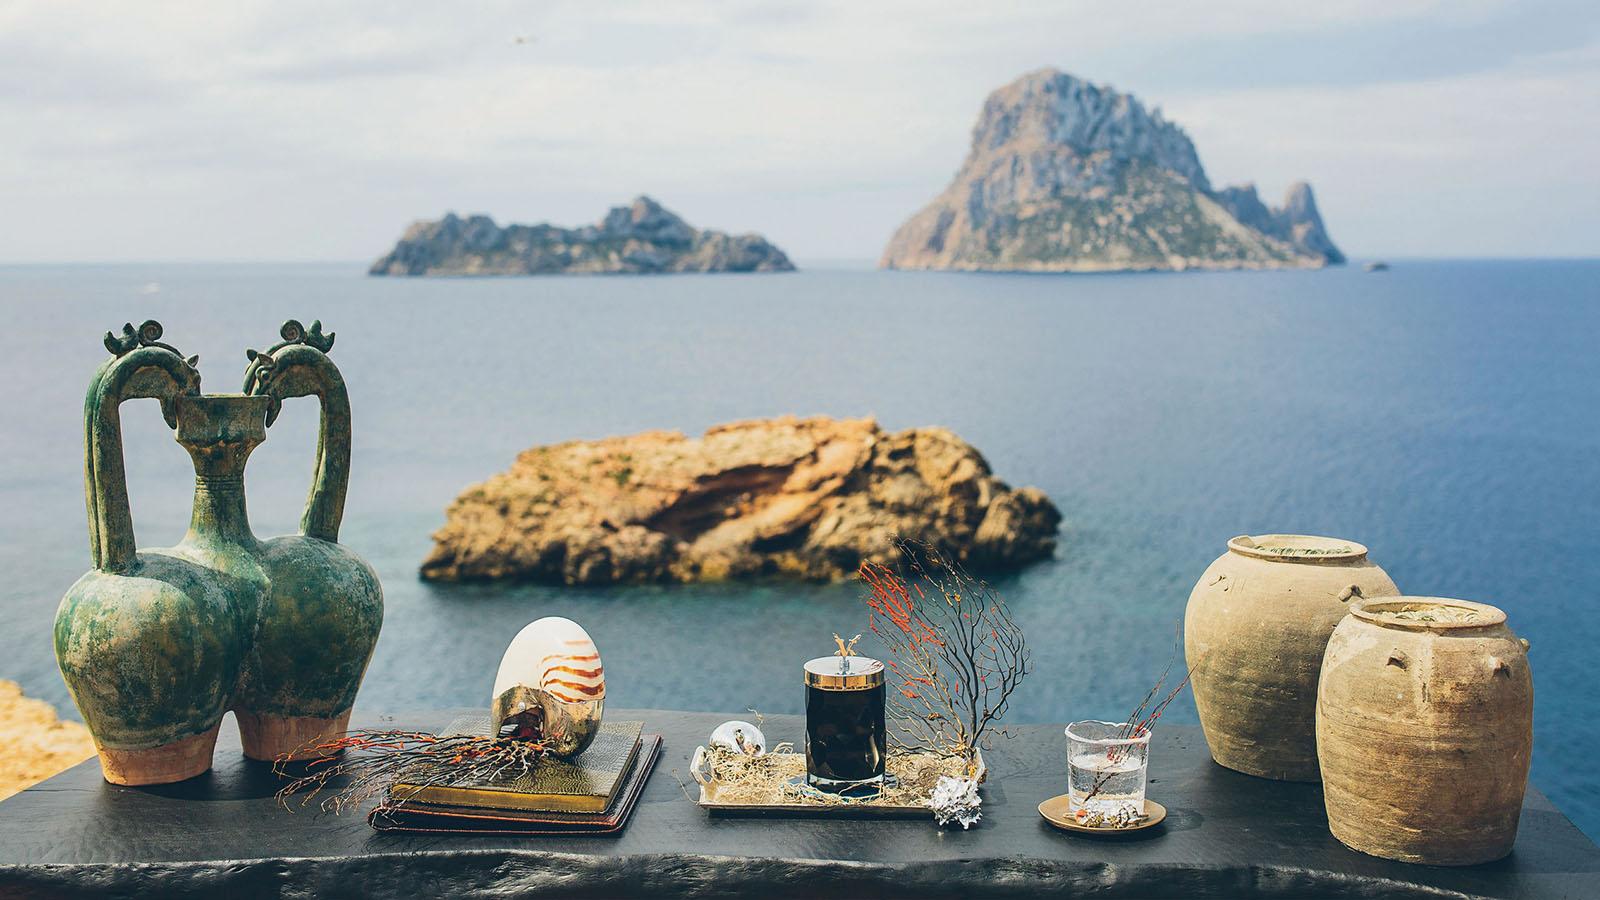 Dekorierter Tisch mit Blick auf das Meer und einige kleine steinige Inseln